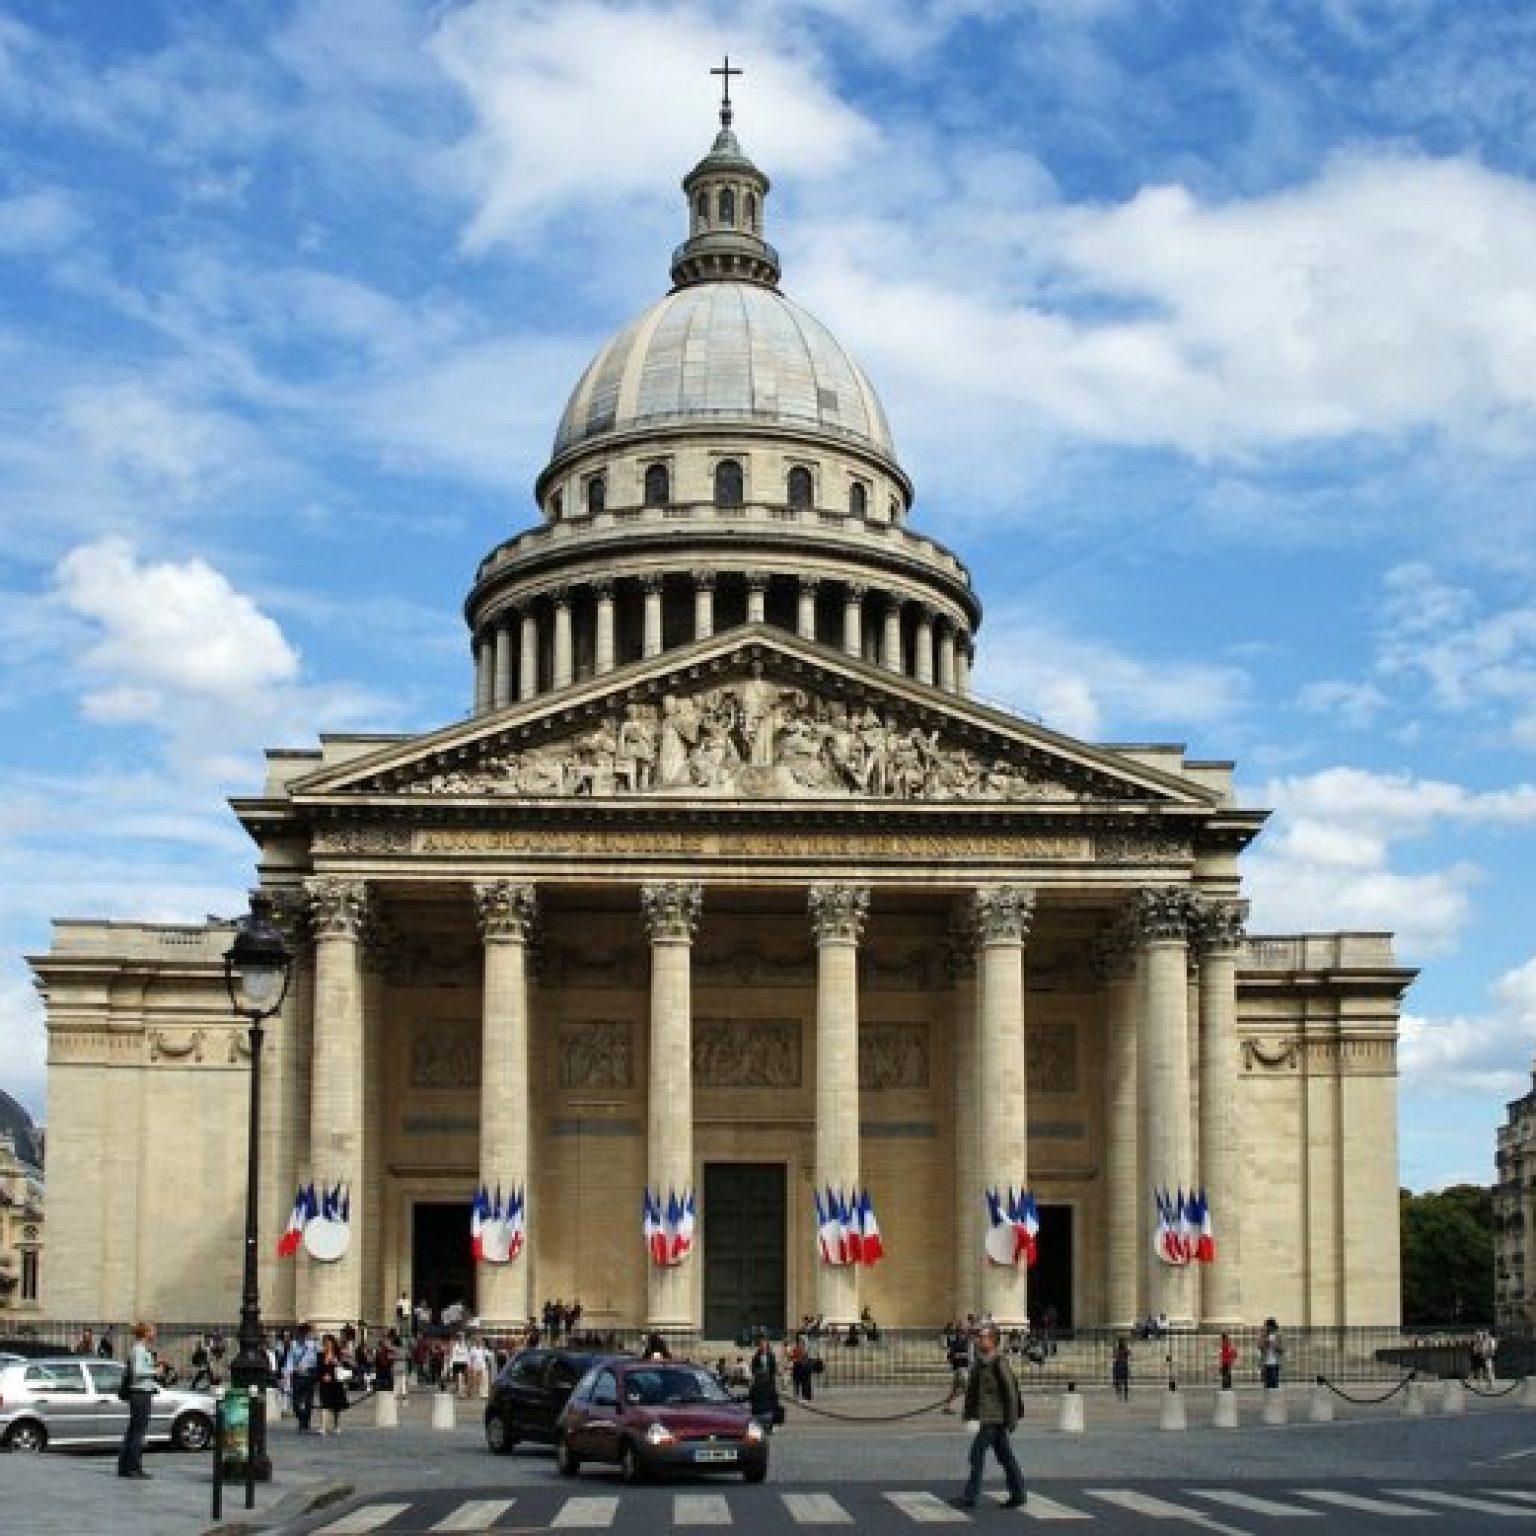 Достопримечательности Парижа: Пантеон